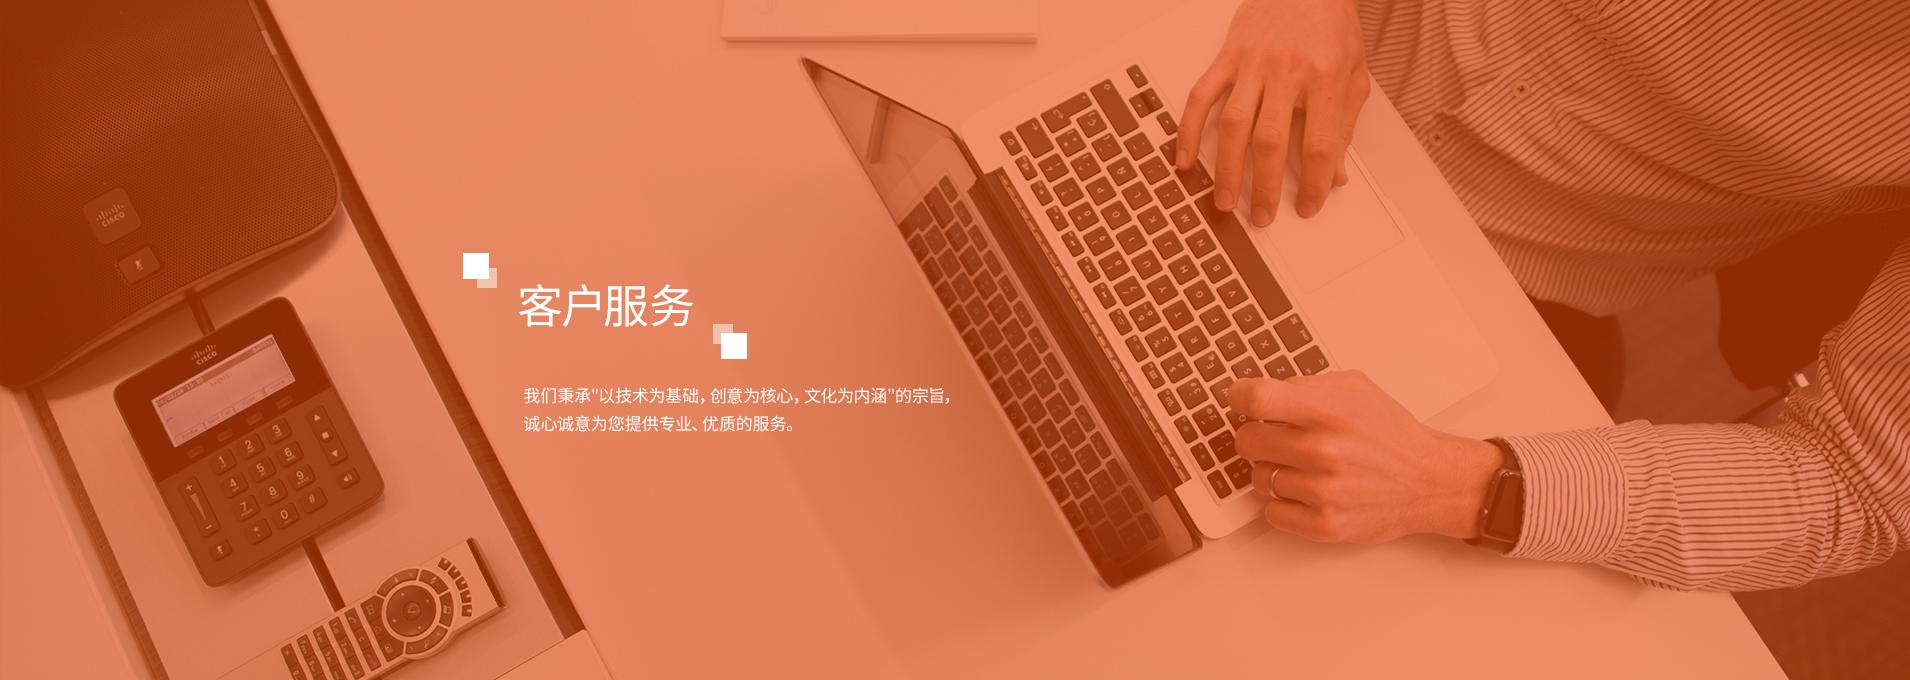 武汉火影数字科技有限公